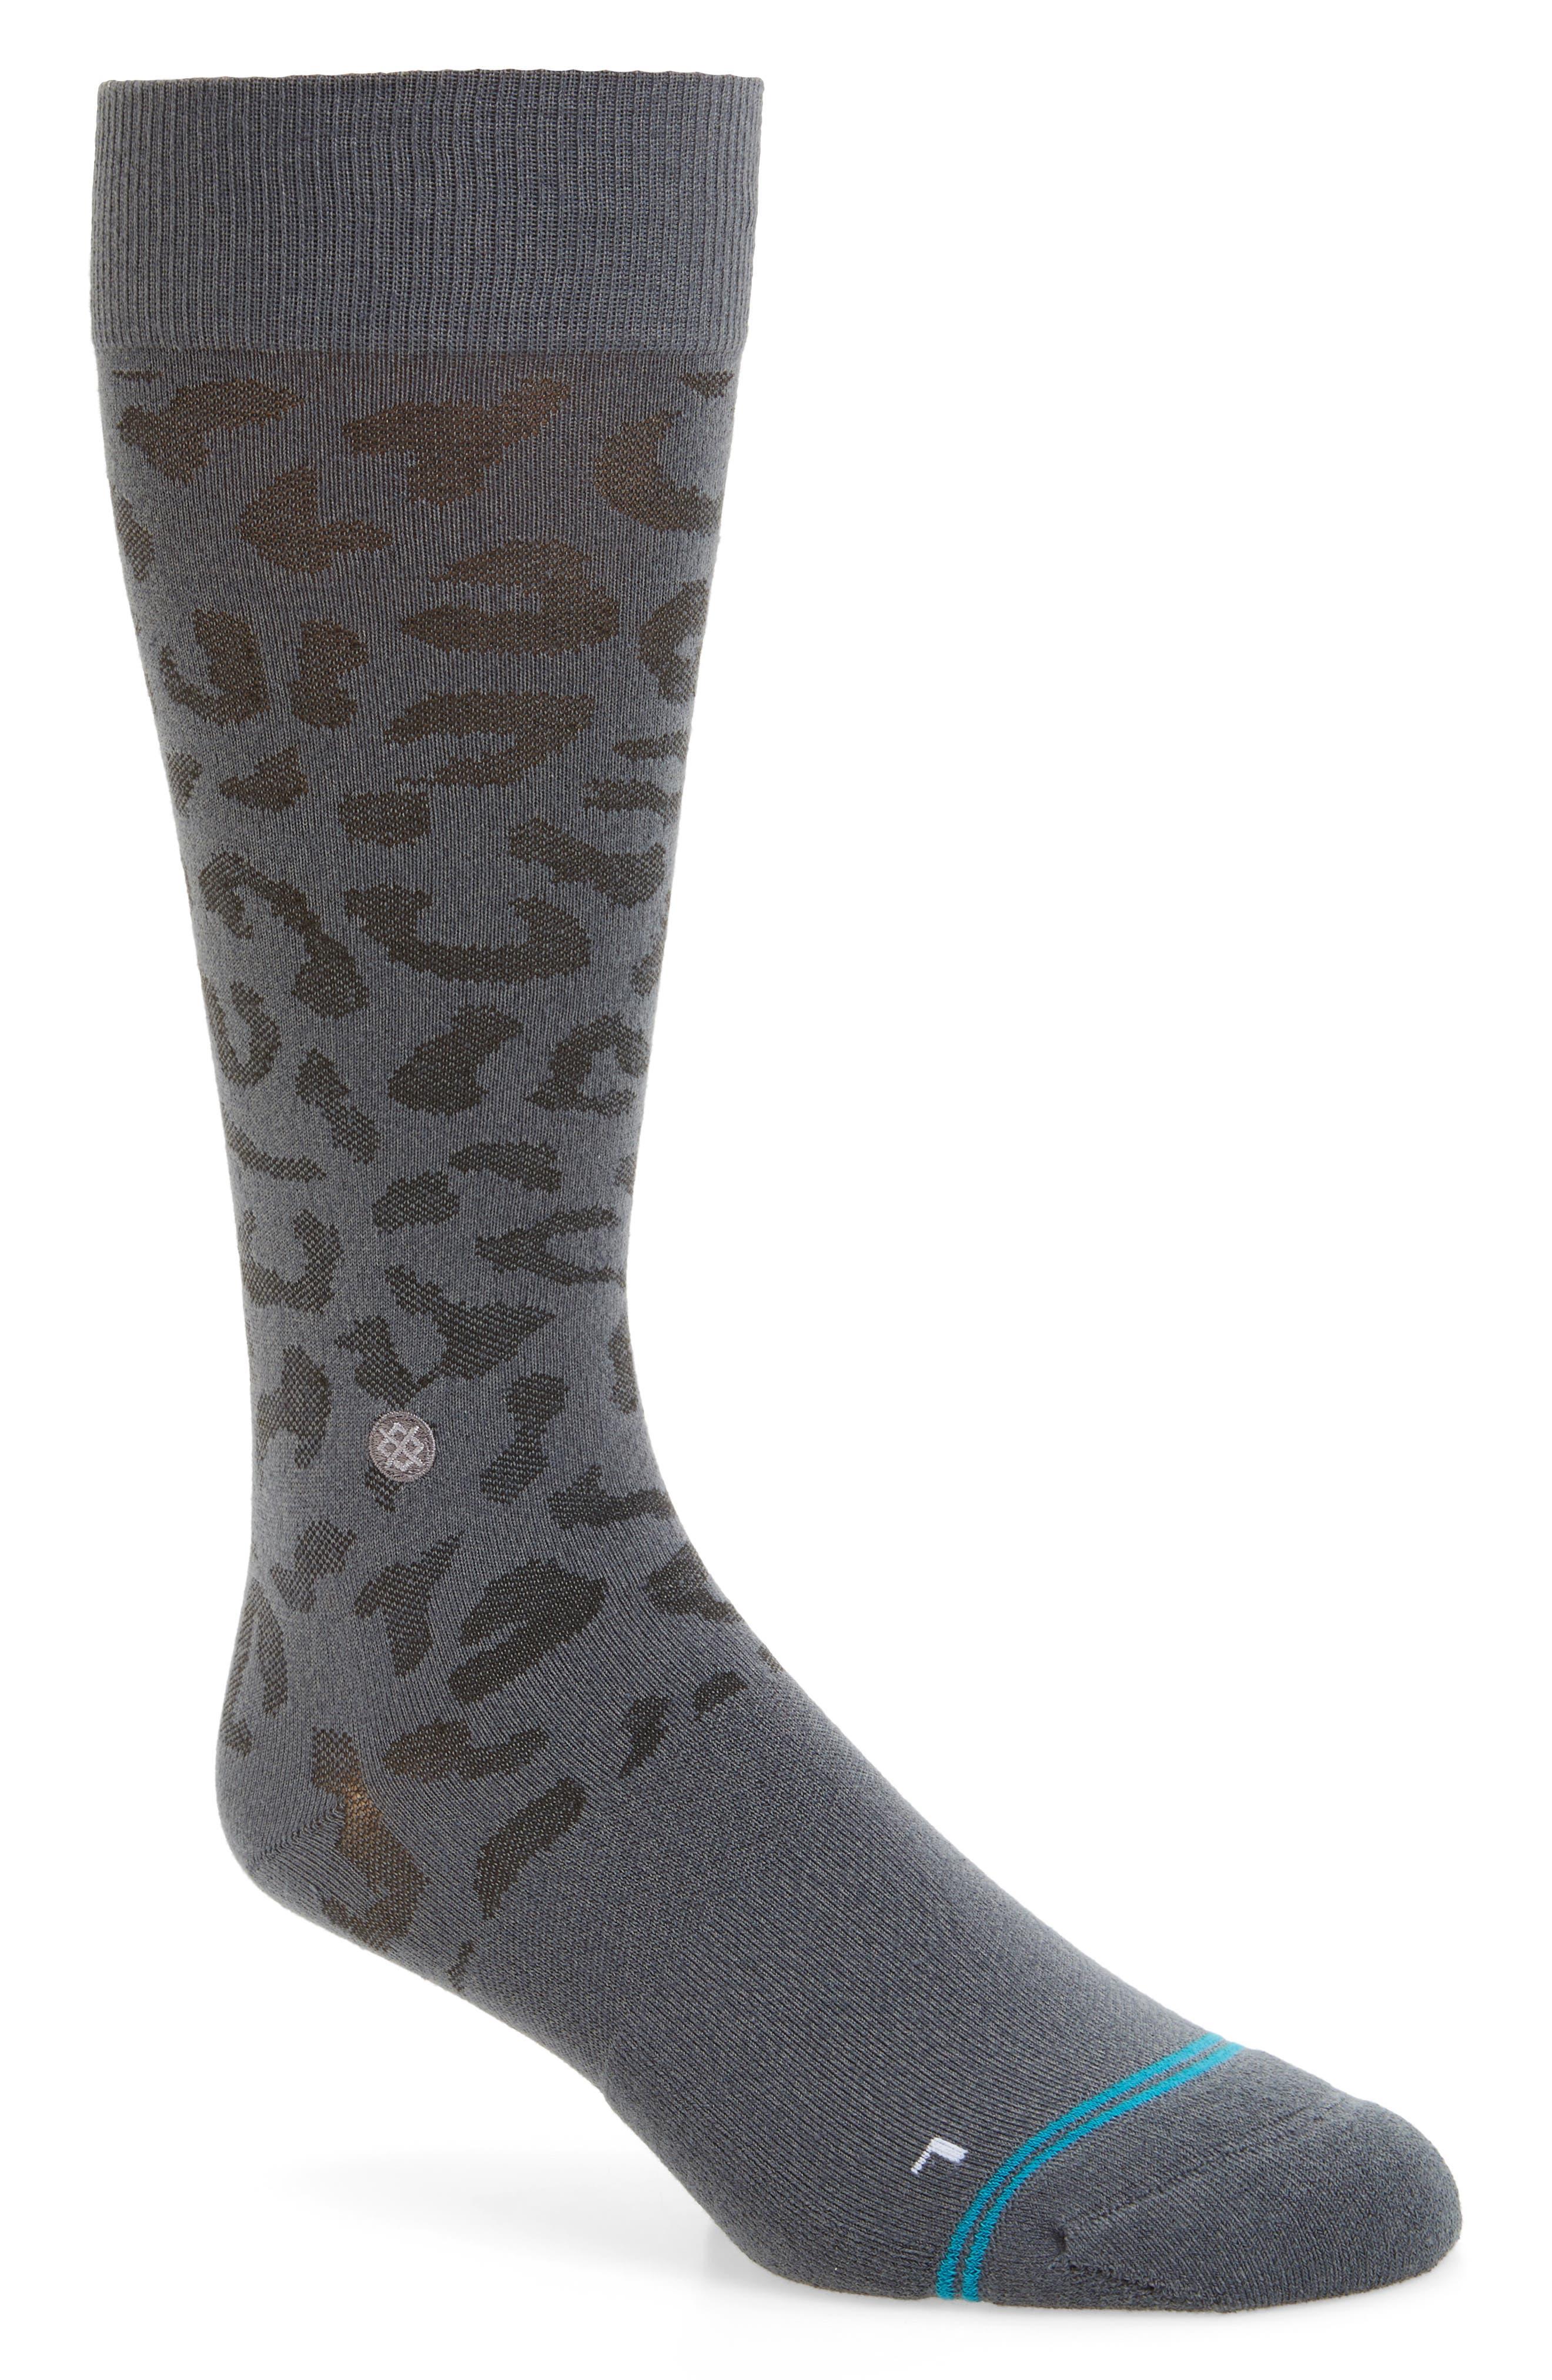 Okaes Socks,                             Main thumbnail 1, color,                             030